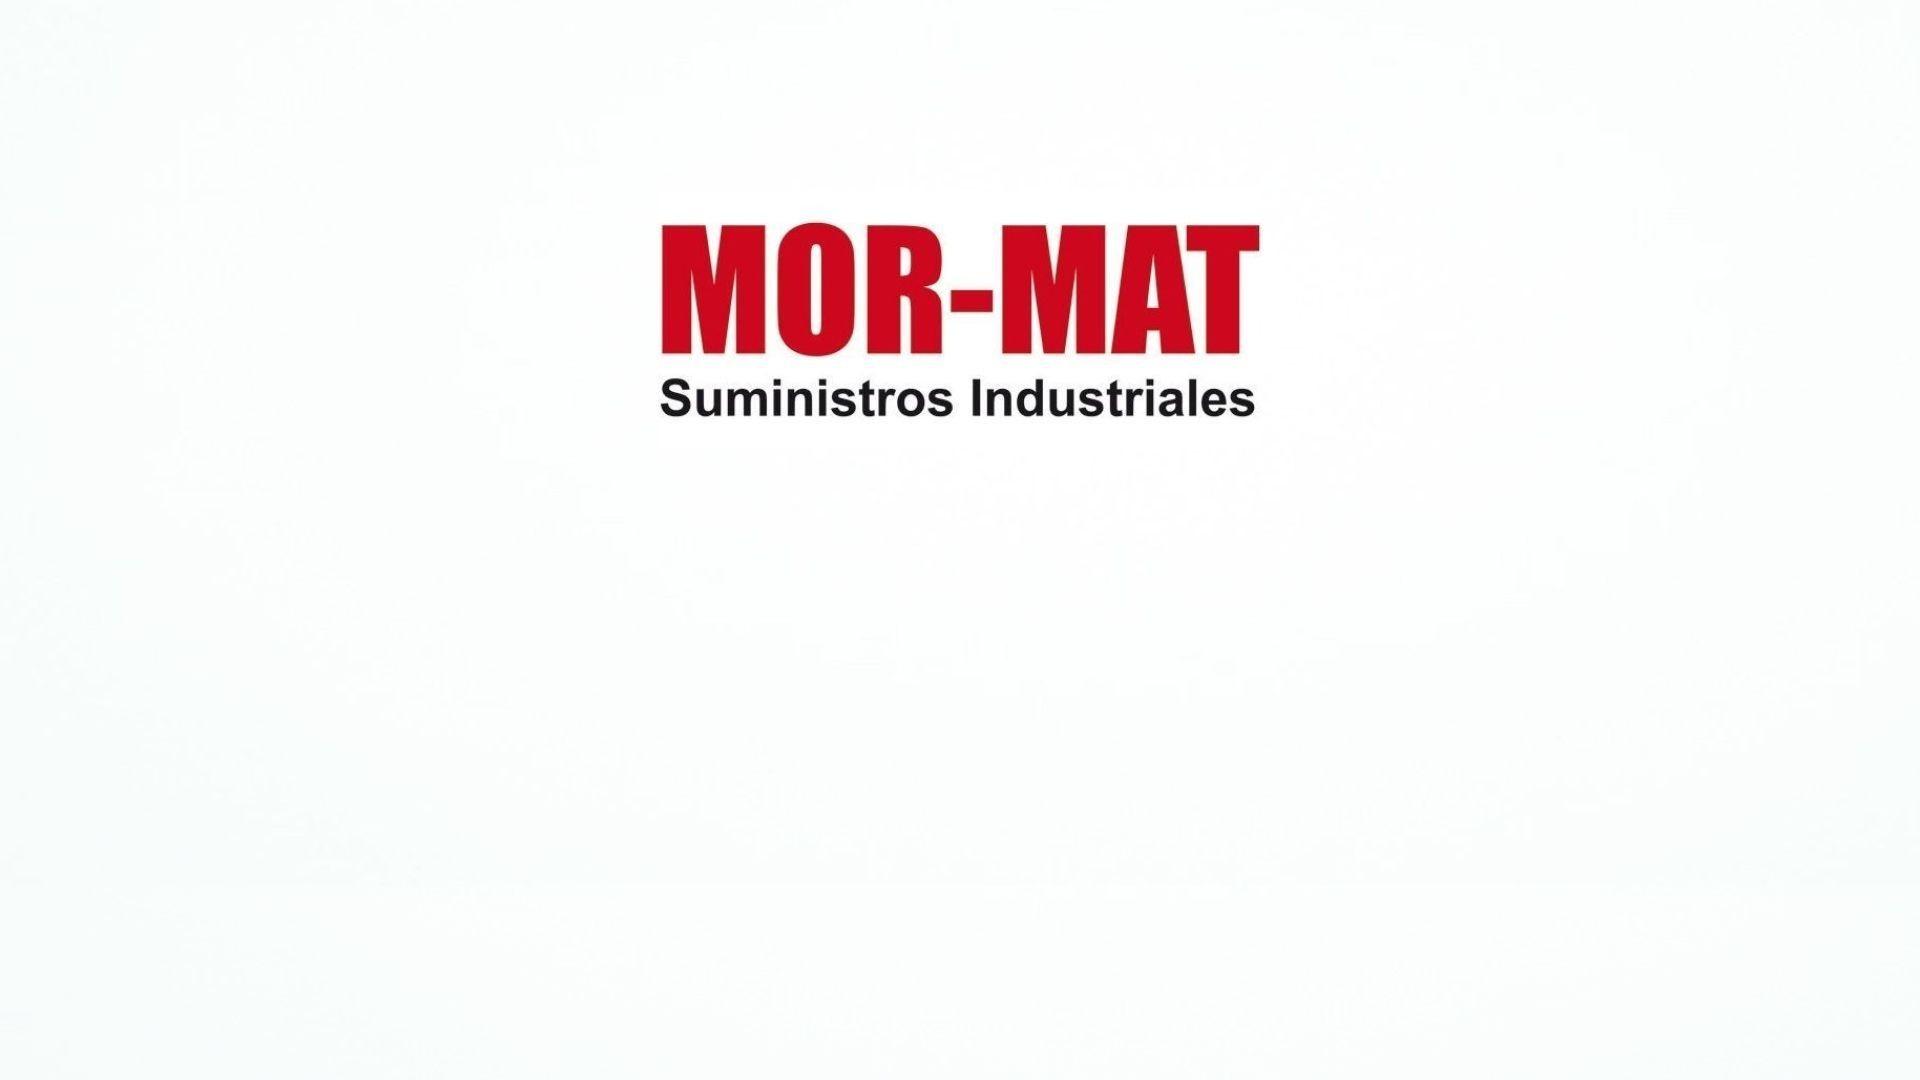 Sumionistros industriales (3)